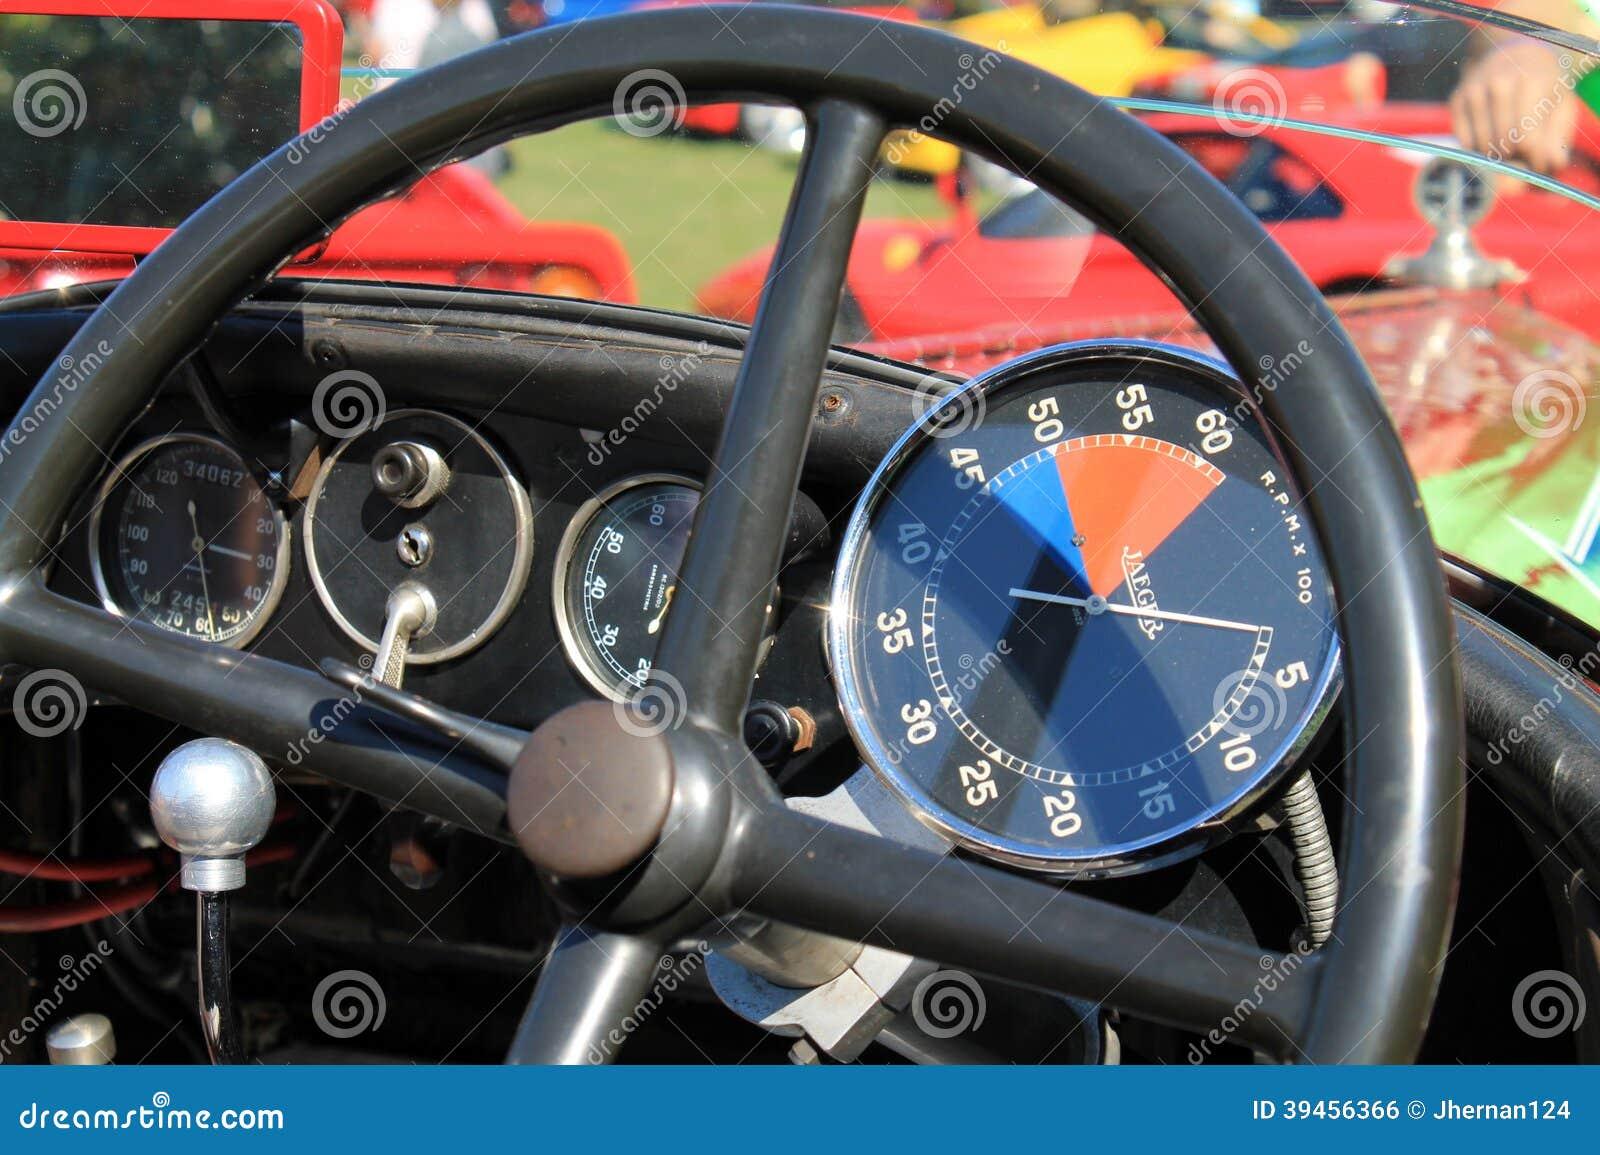 1930s racer cockpit instruments editorial photo image 39456366. Black Bedroom Furniture Sets. Home Design Ideas